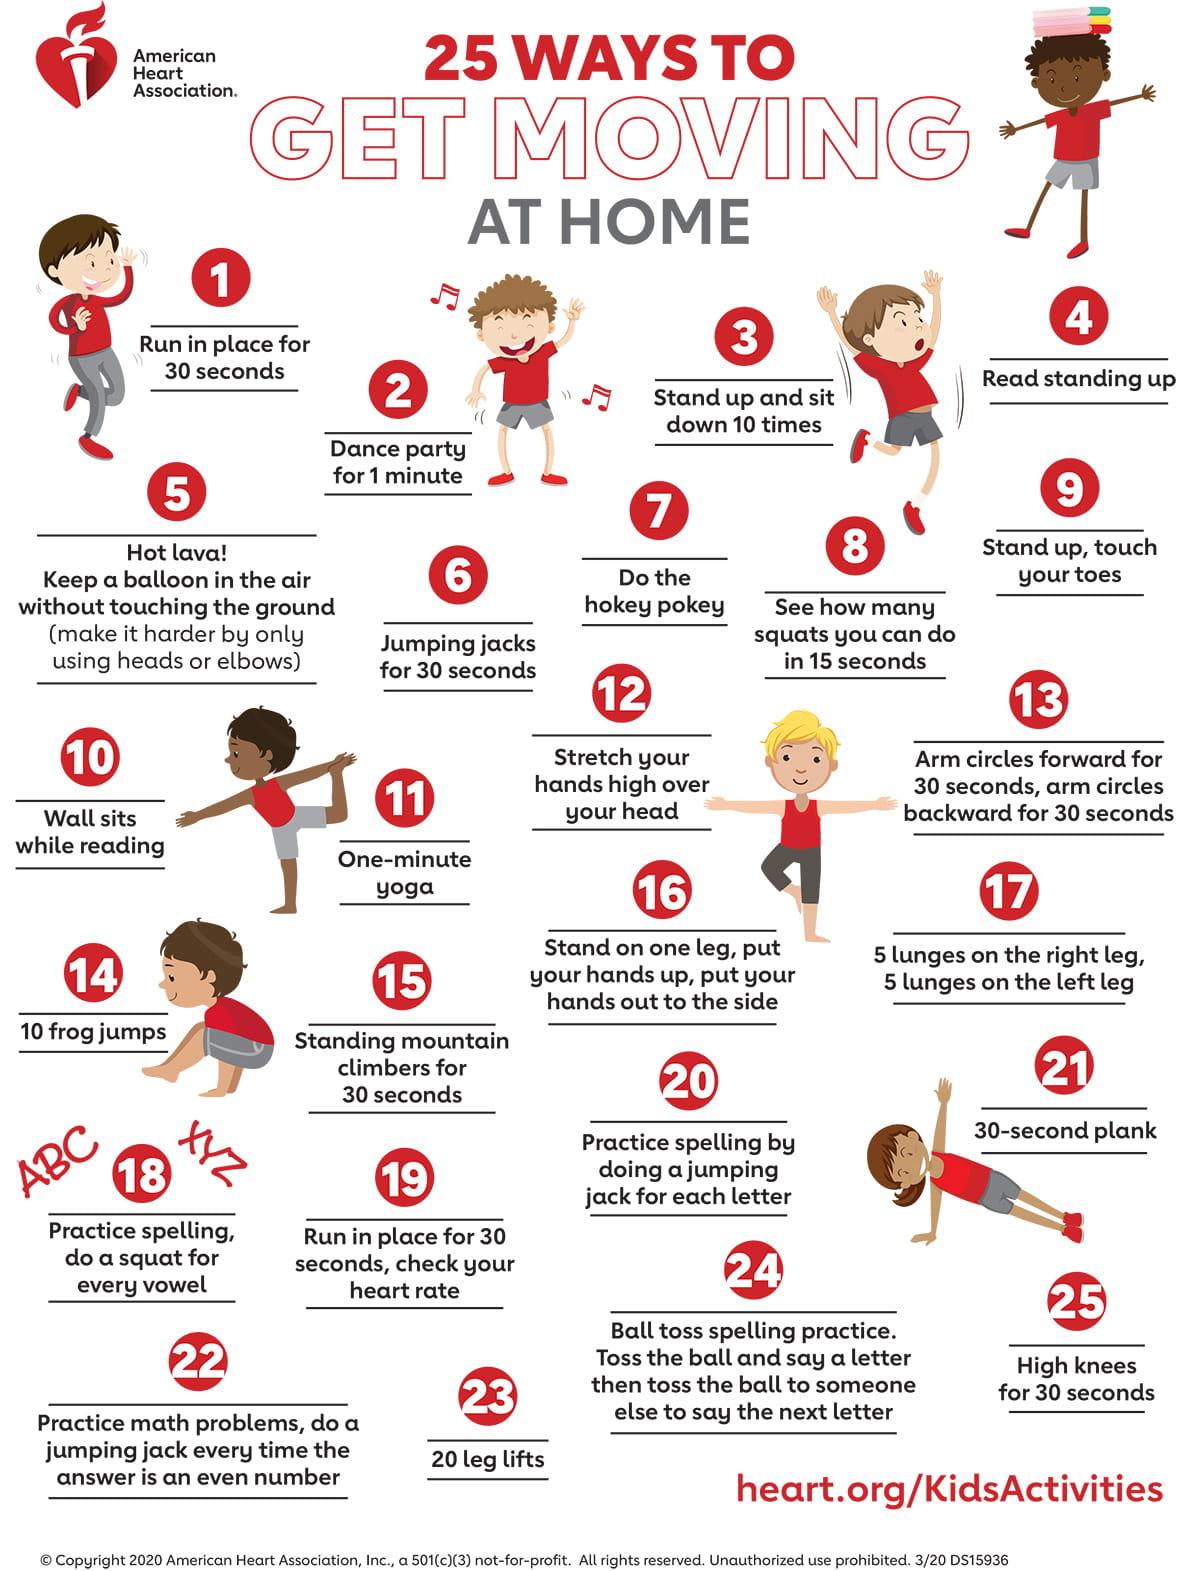 25formas de que los niños estén activos en casa